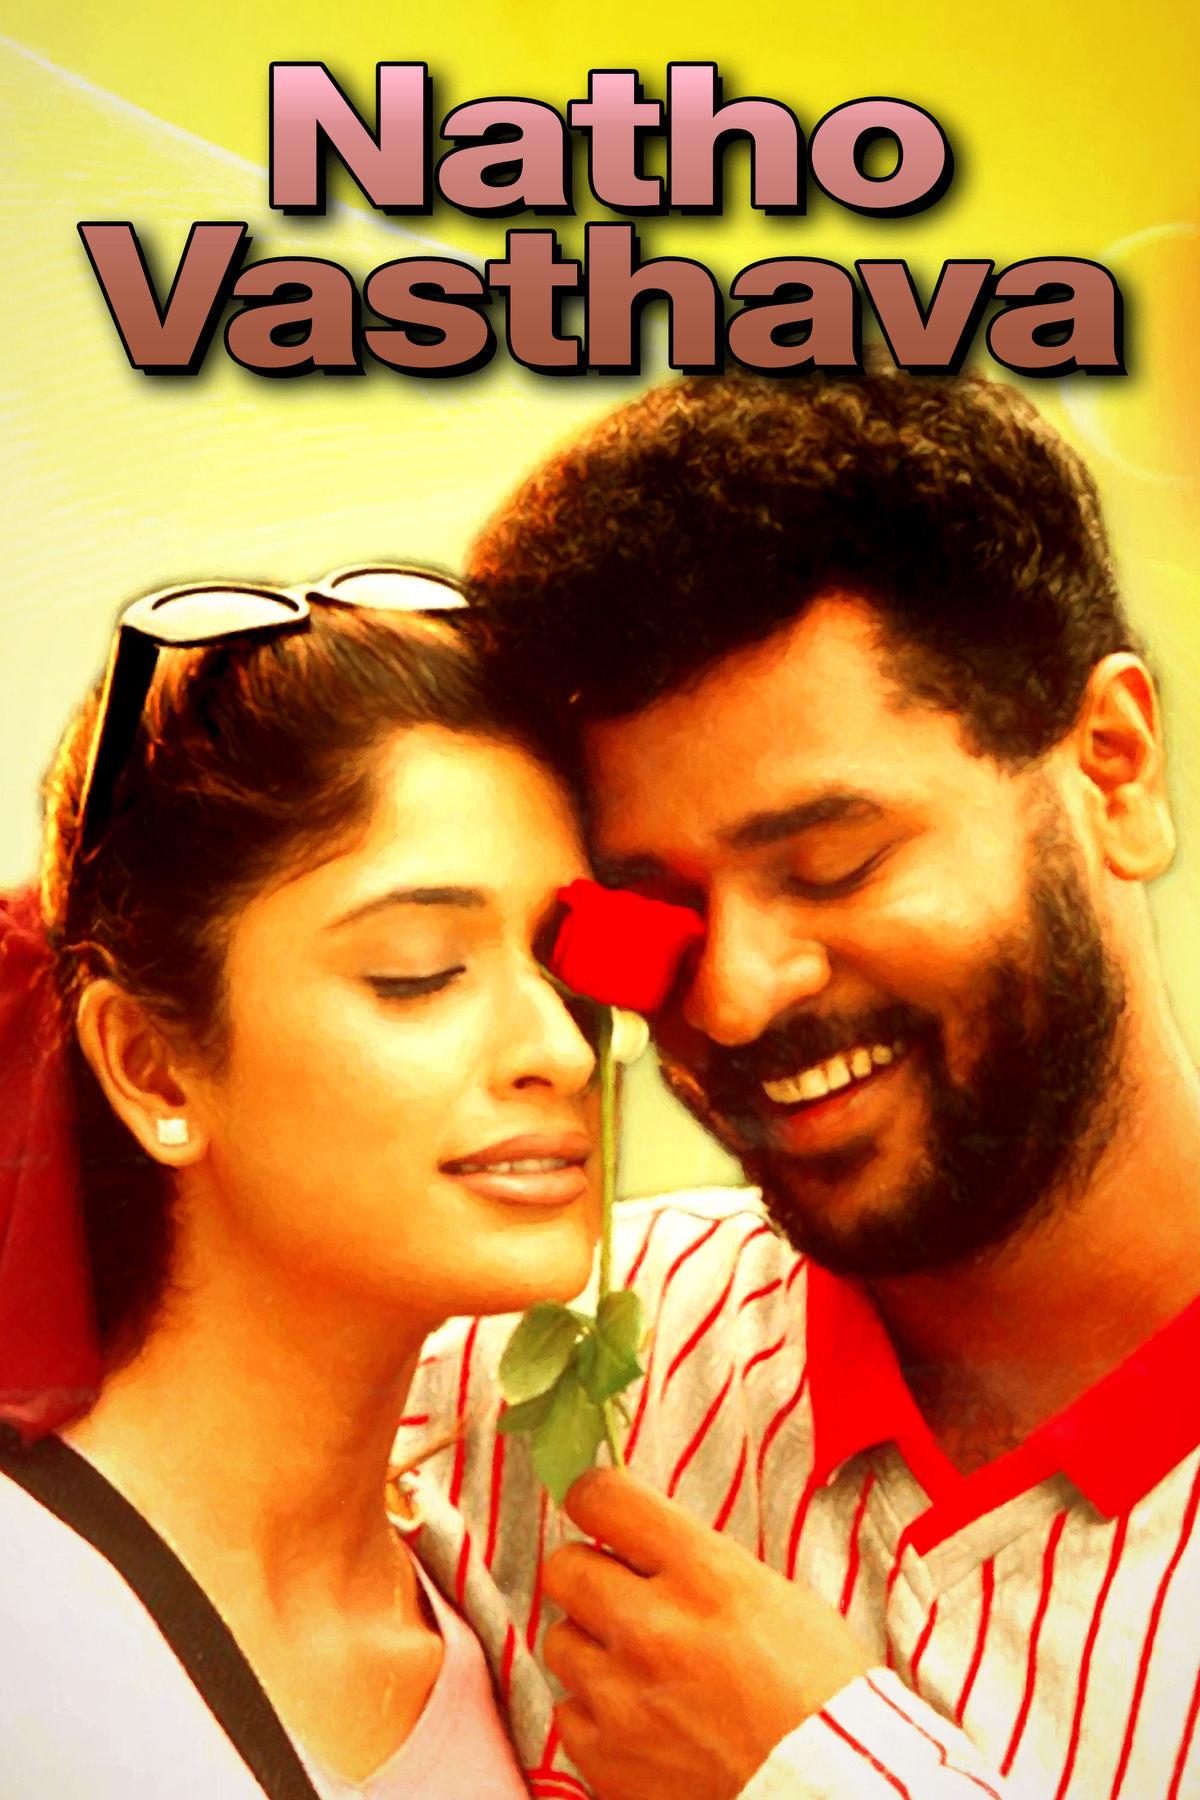 Natho Vasthava